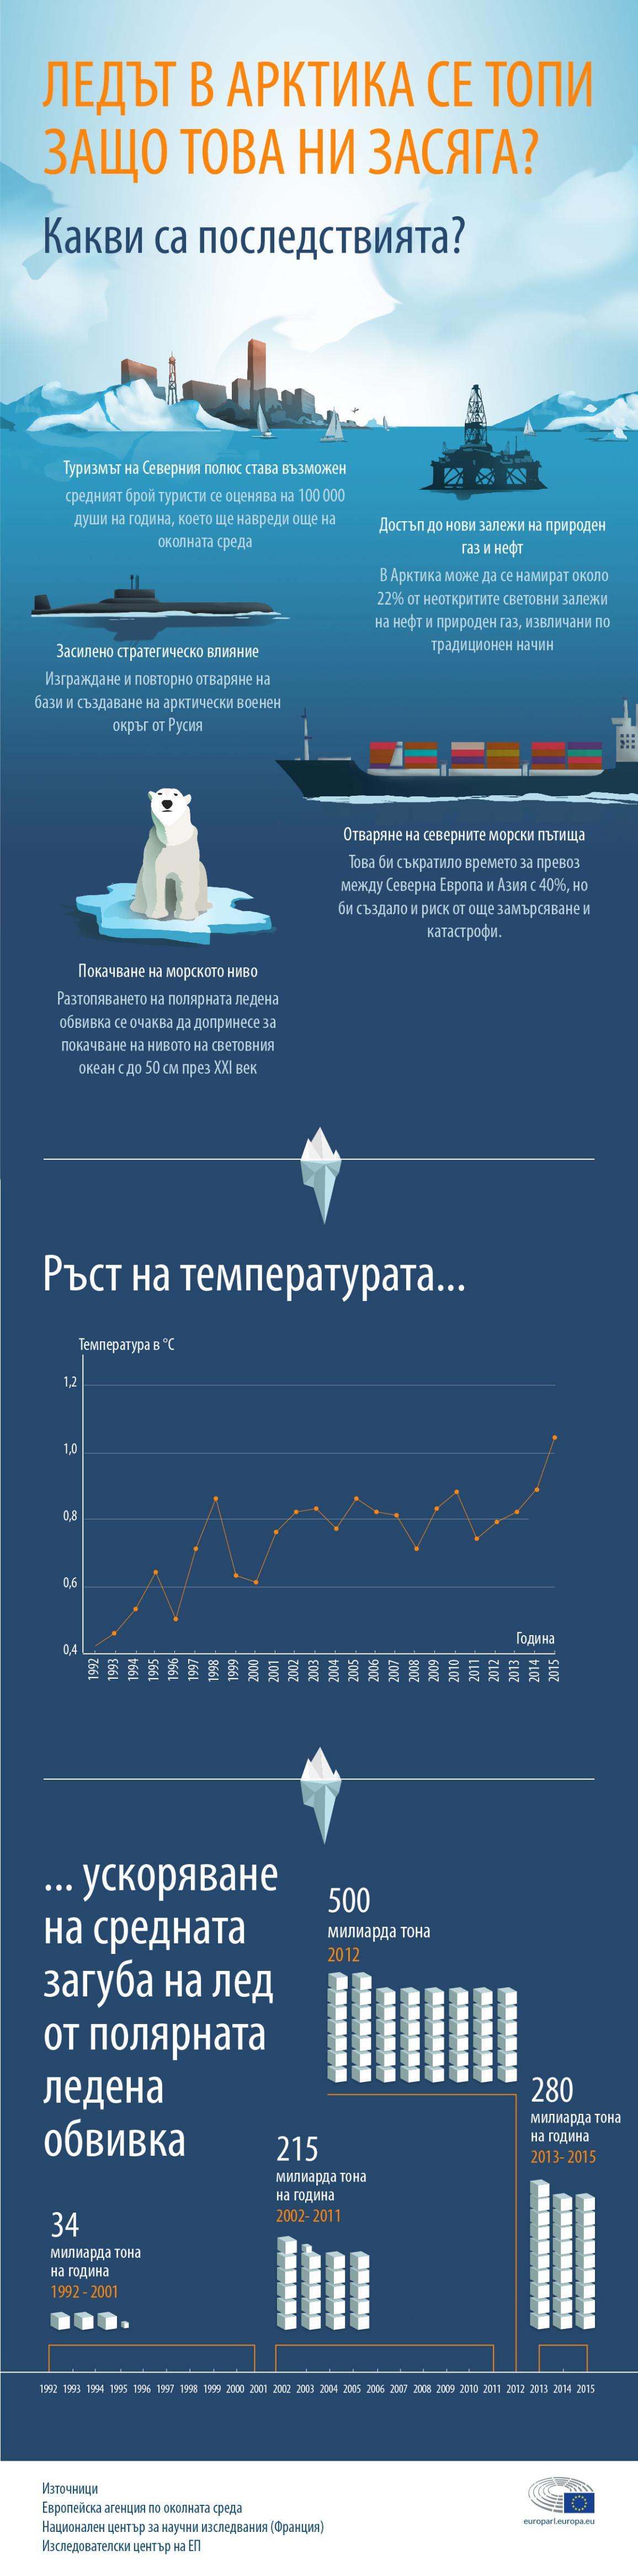 Инфографика: Последствията от топенето на ледовете в Арктика